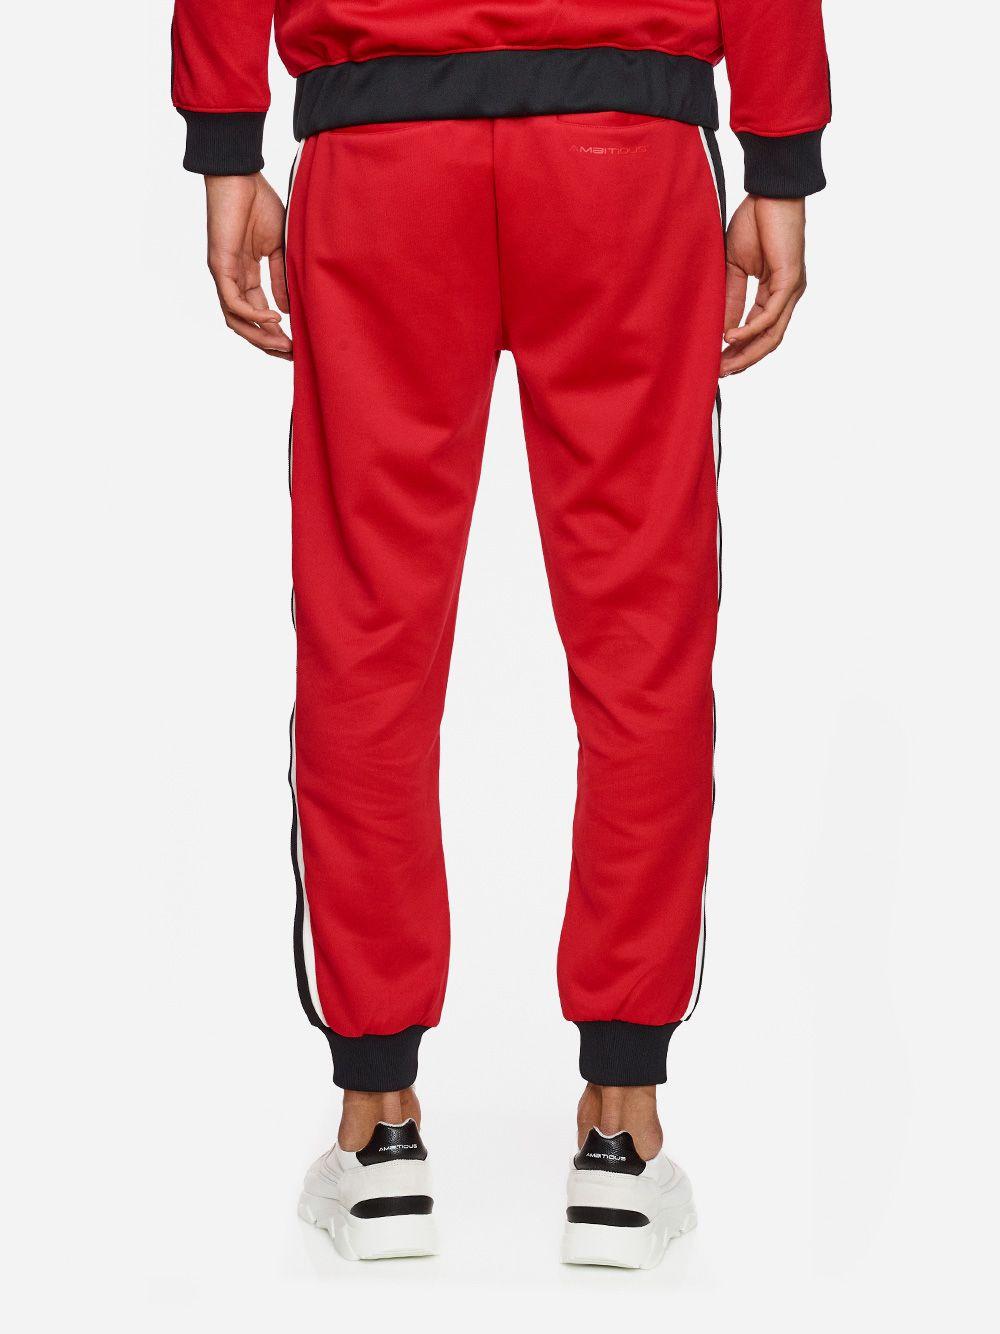 Calças Vermelhas Riscas | AMBITIOUS